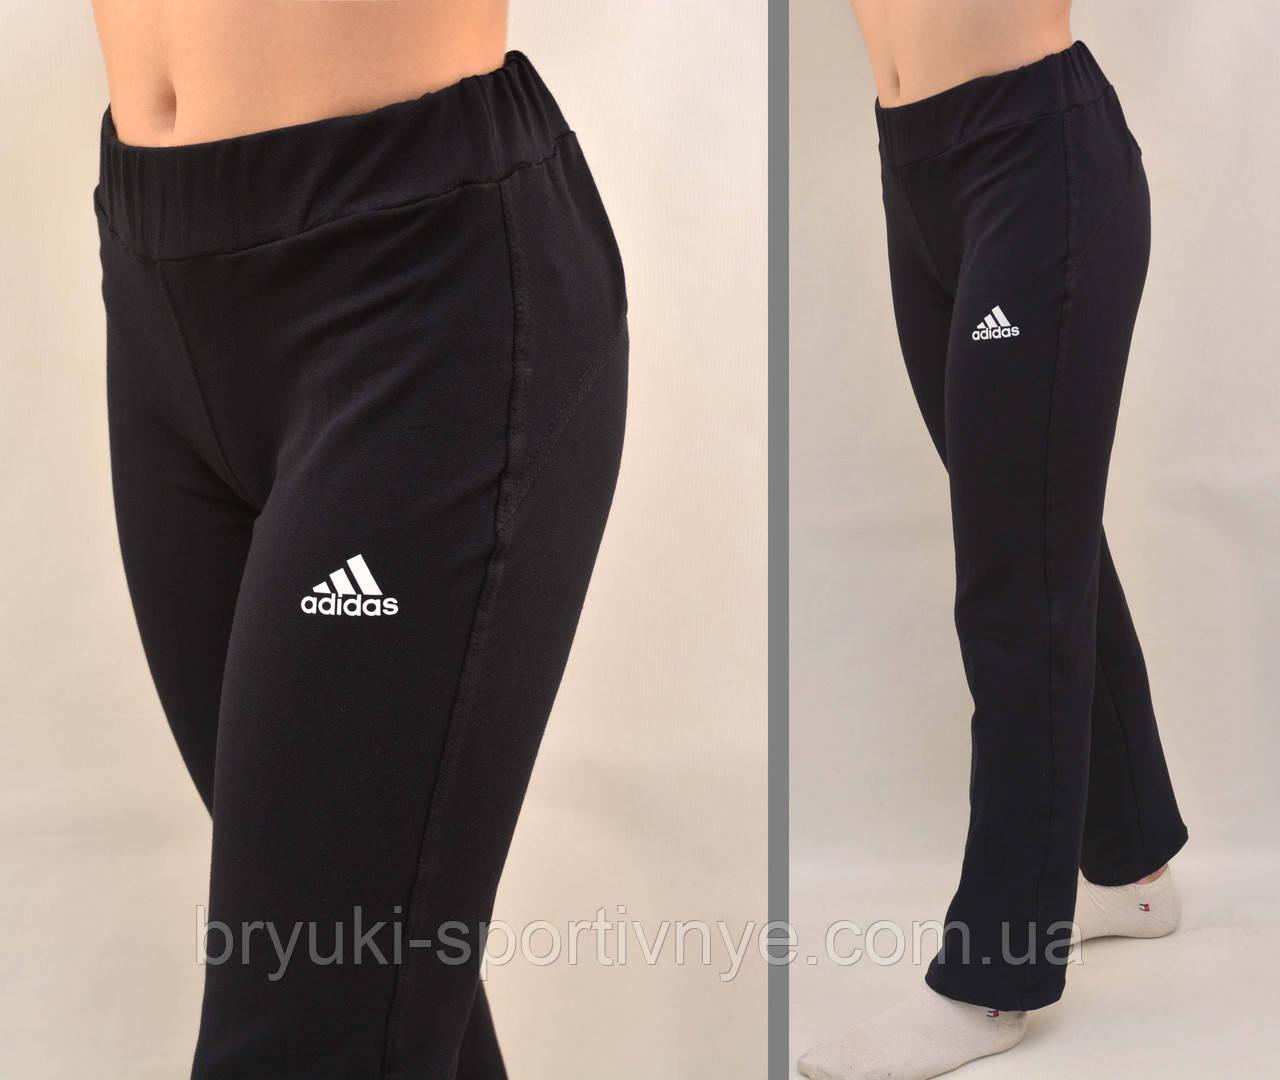 Брюки спортивные женские трикотажные Adidas ( маломерка)